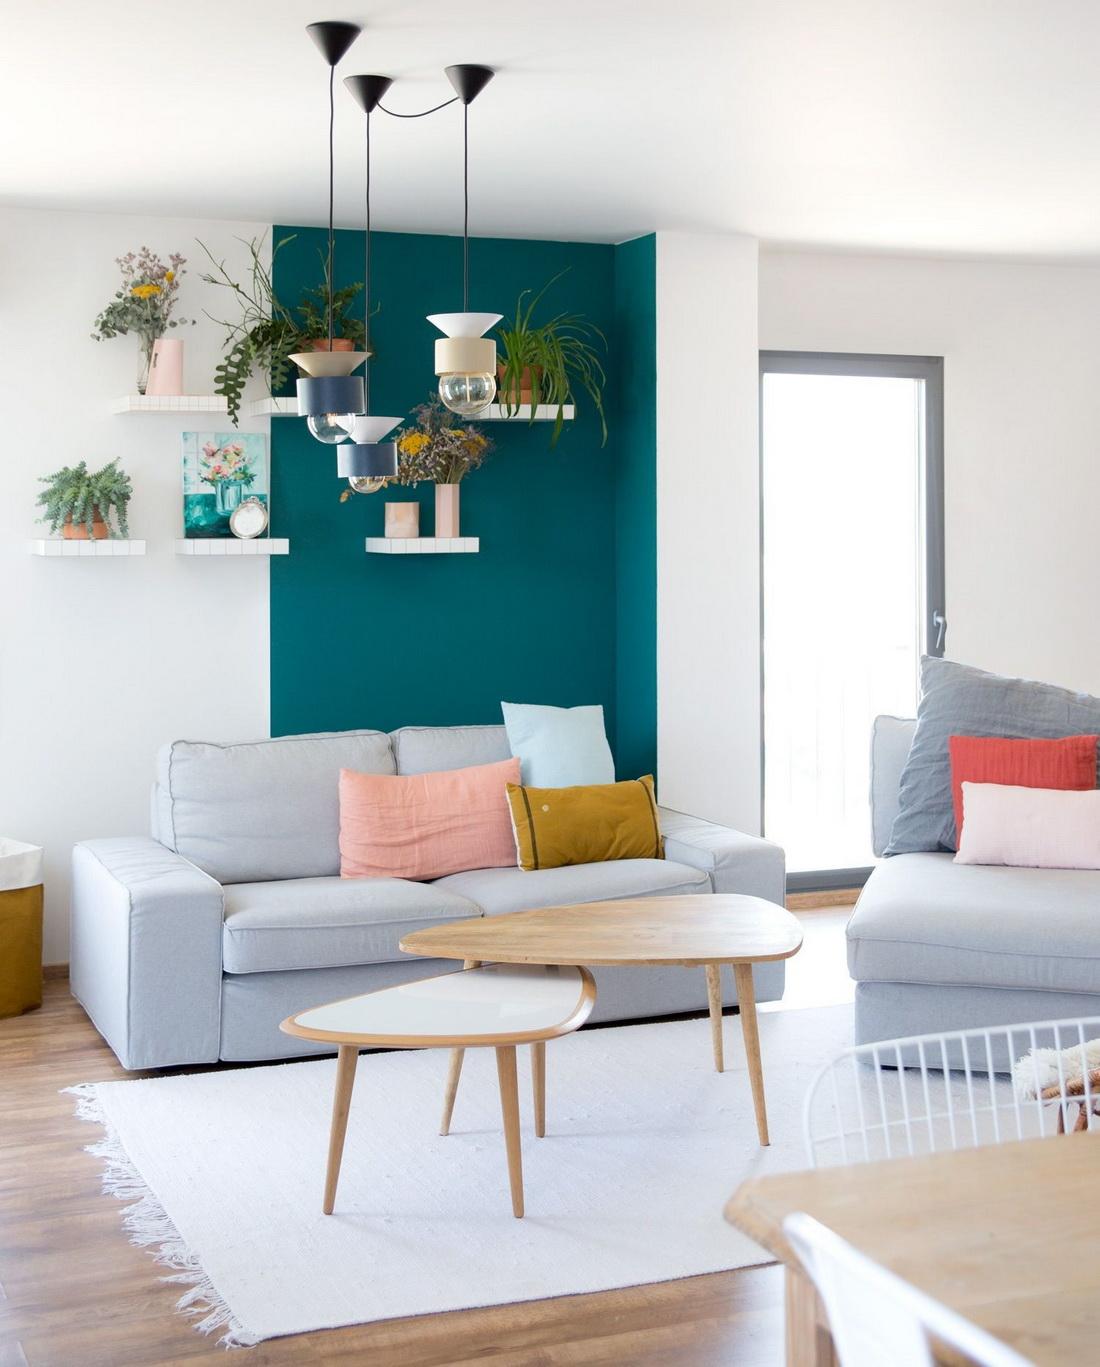 сложно, действительно варианты покраски стен в квартире фото опять вопрос